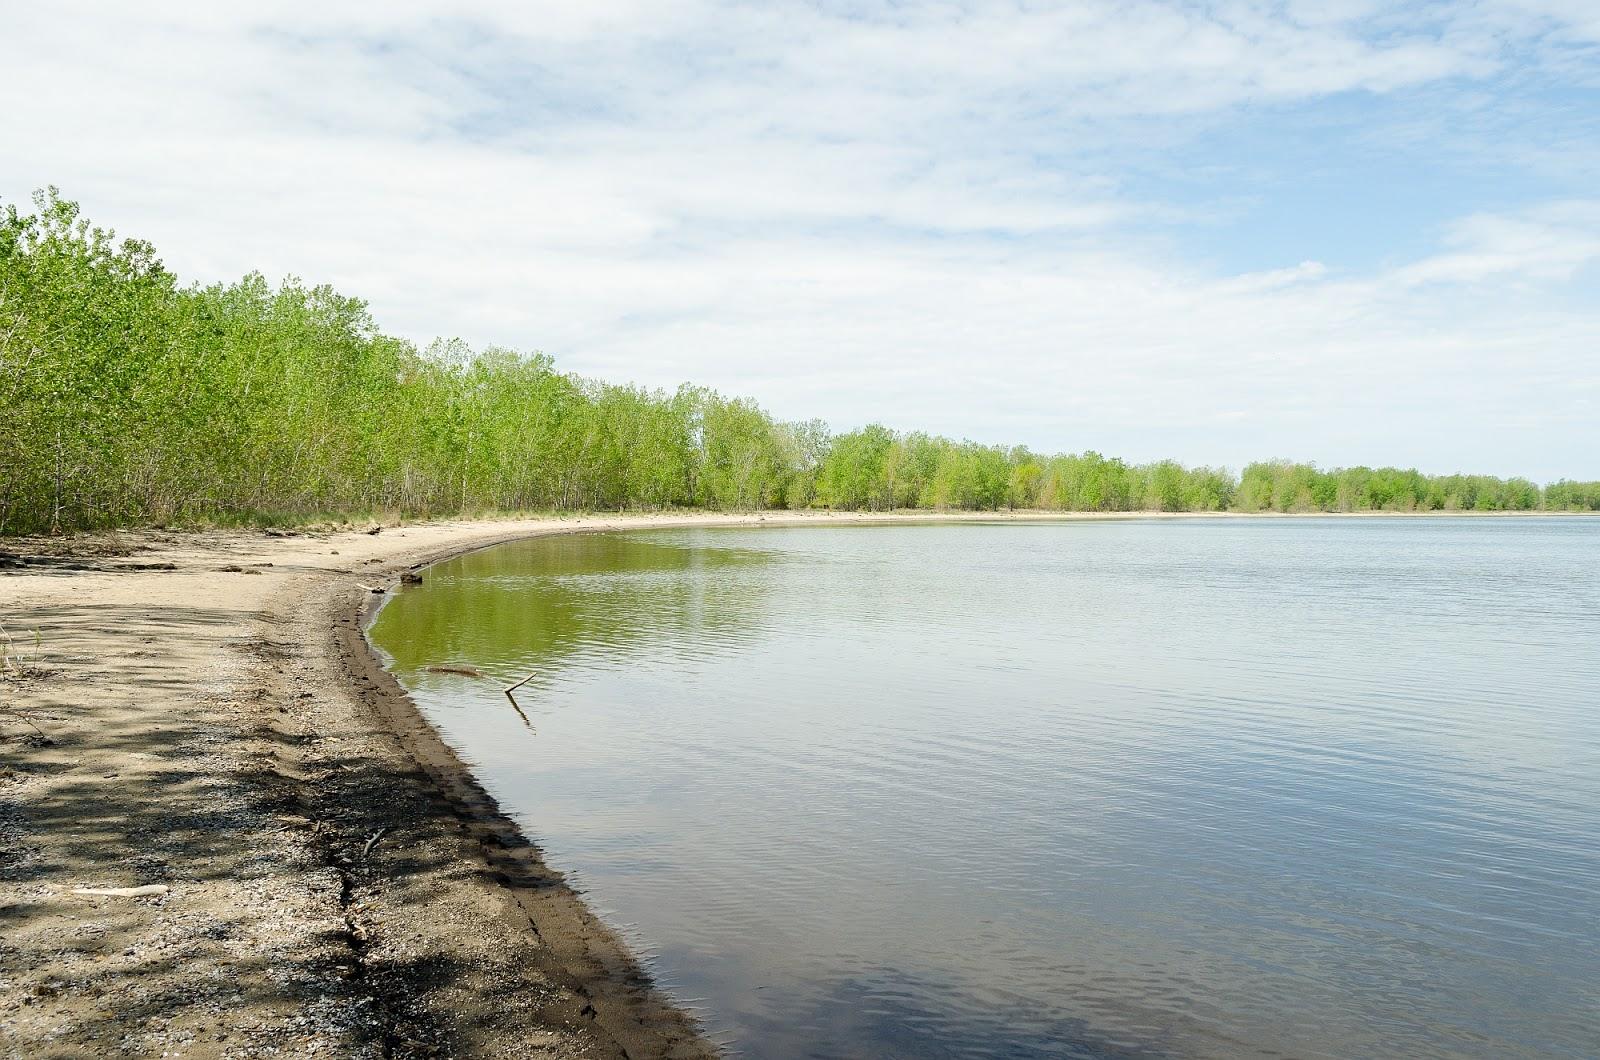 Sheldon Marsh State Nature Preserve